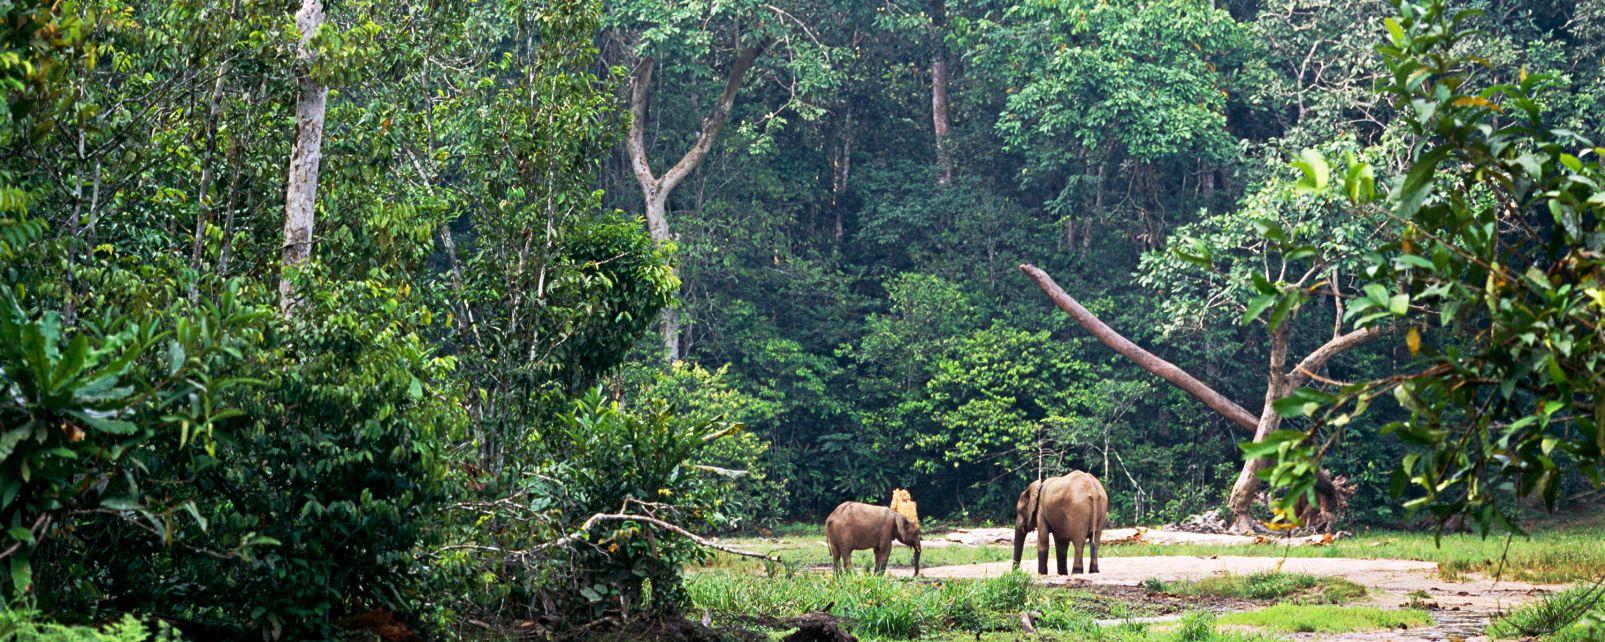 La faune et la flore, forêt, gabon, afrique, équatoriale